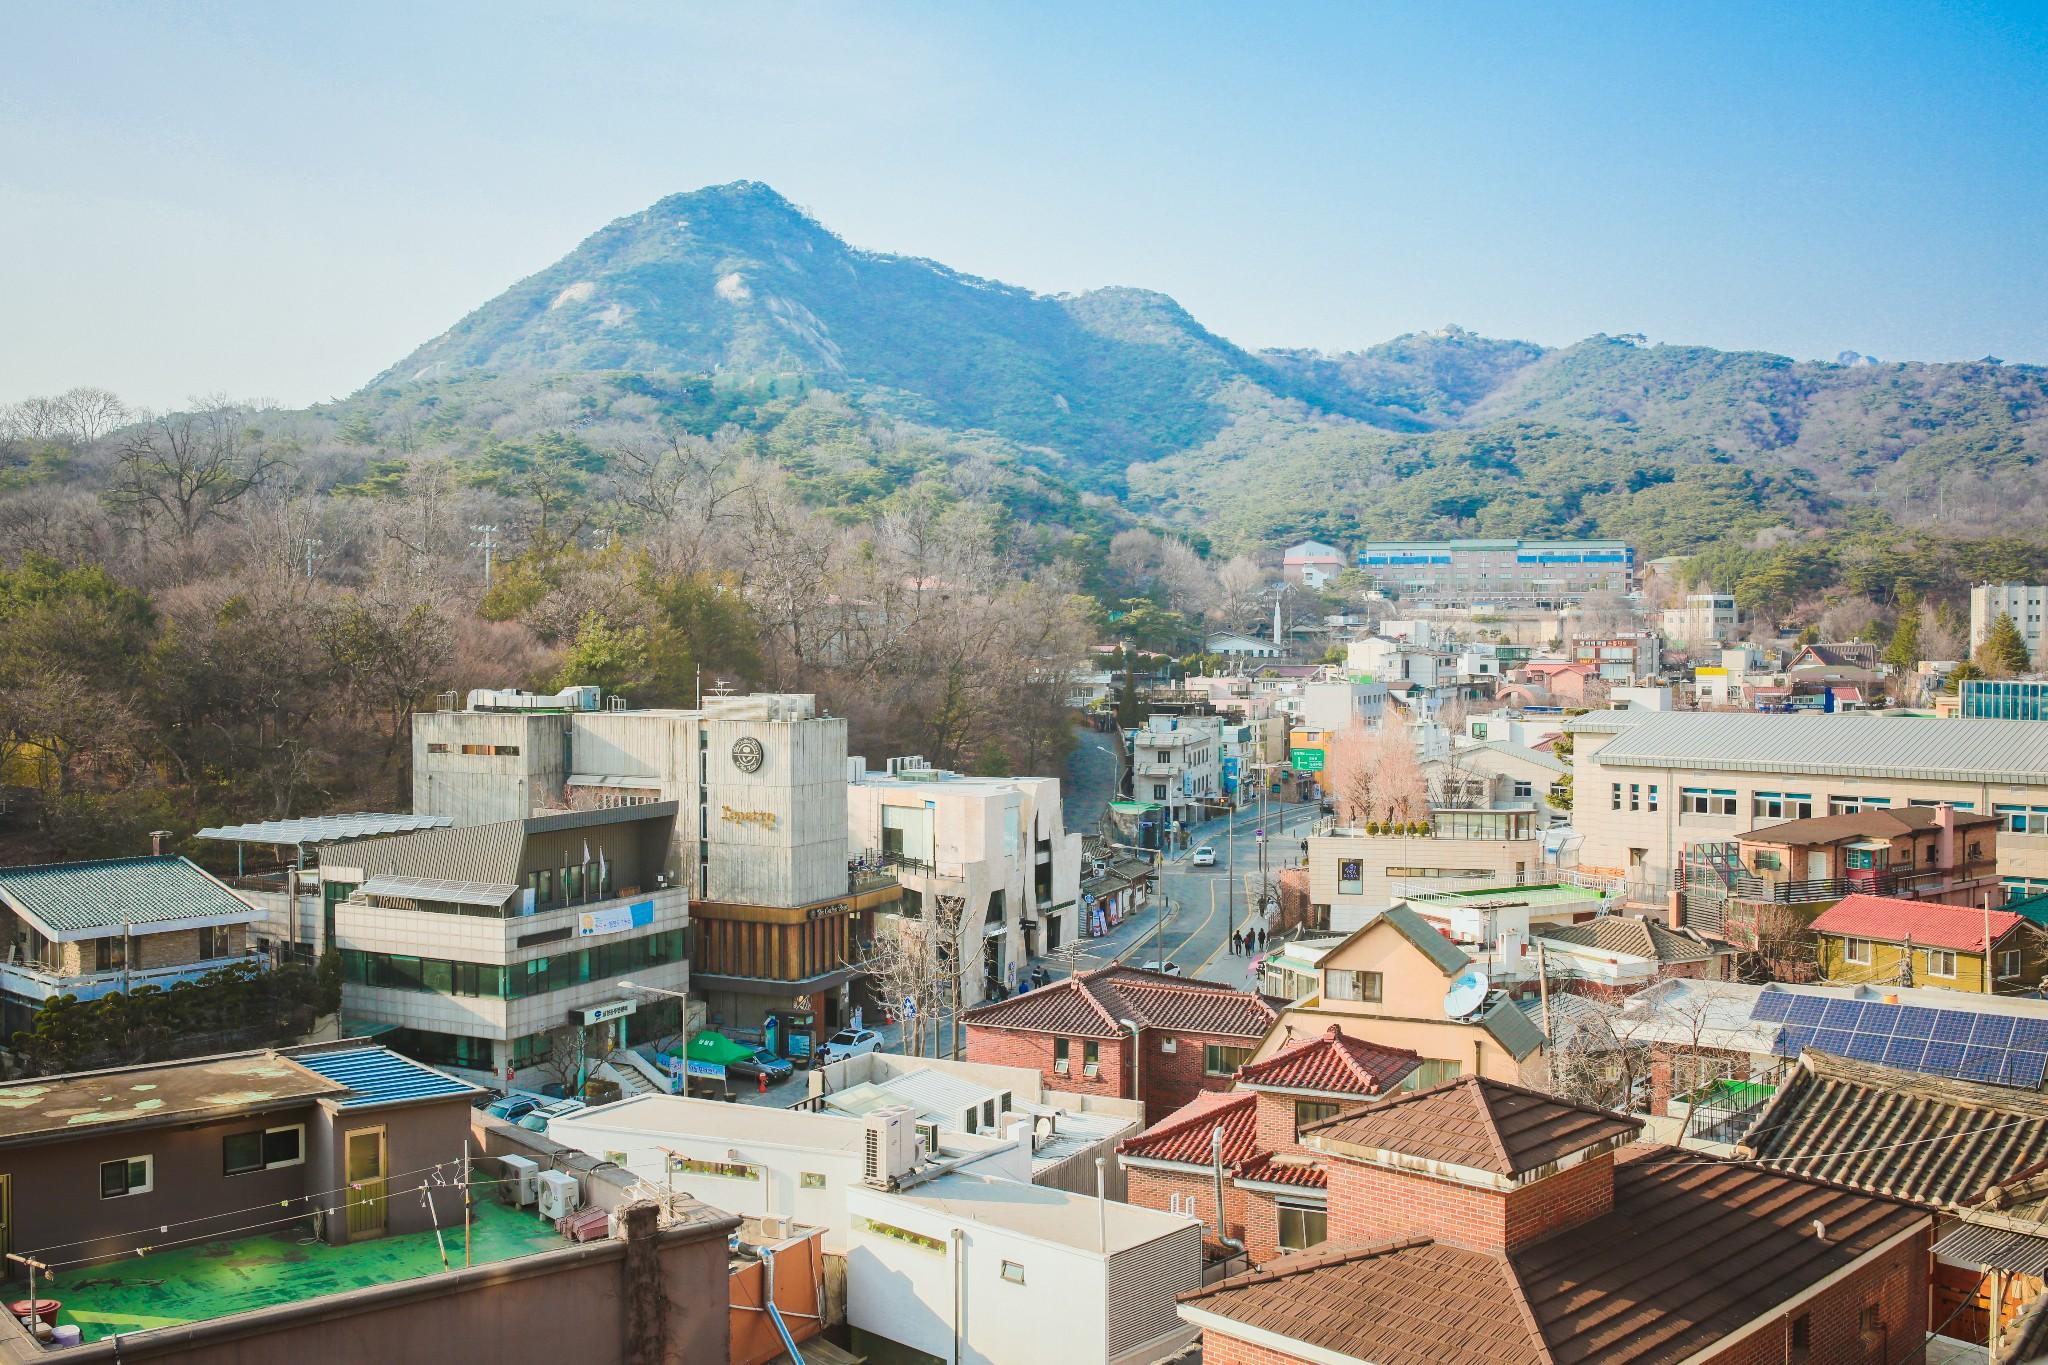 【韩国景点图片】北村韩屋村